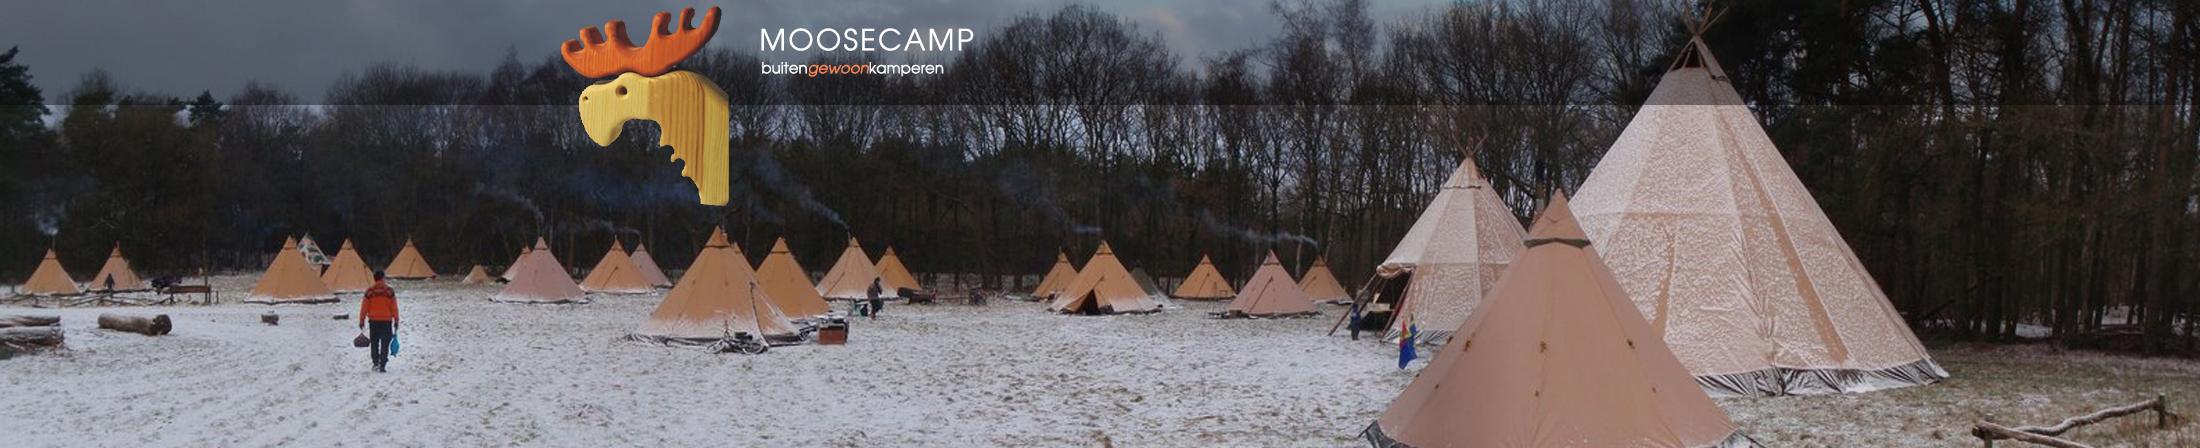 Moosecamp webshop Home